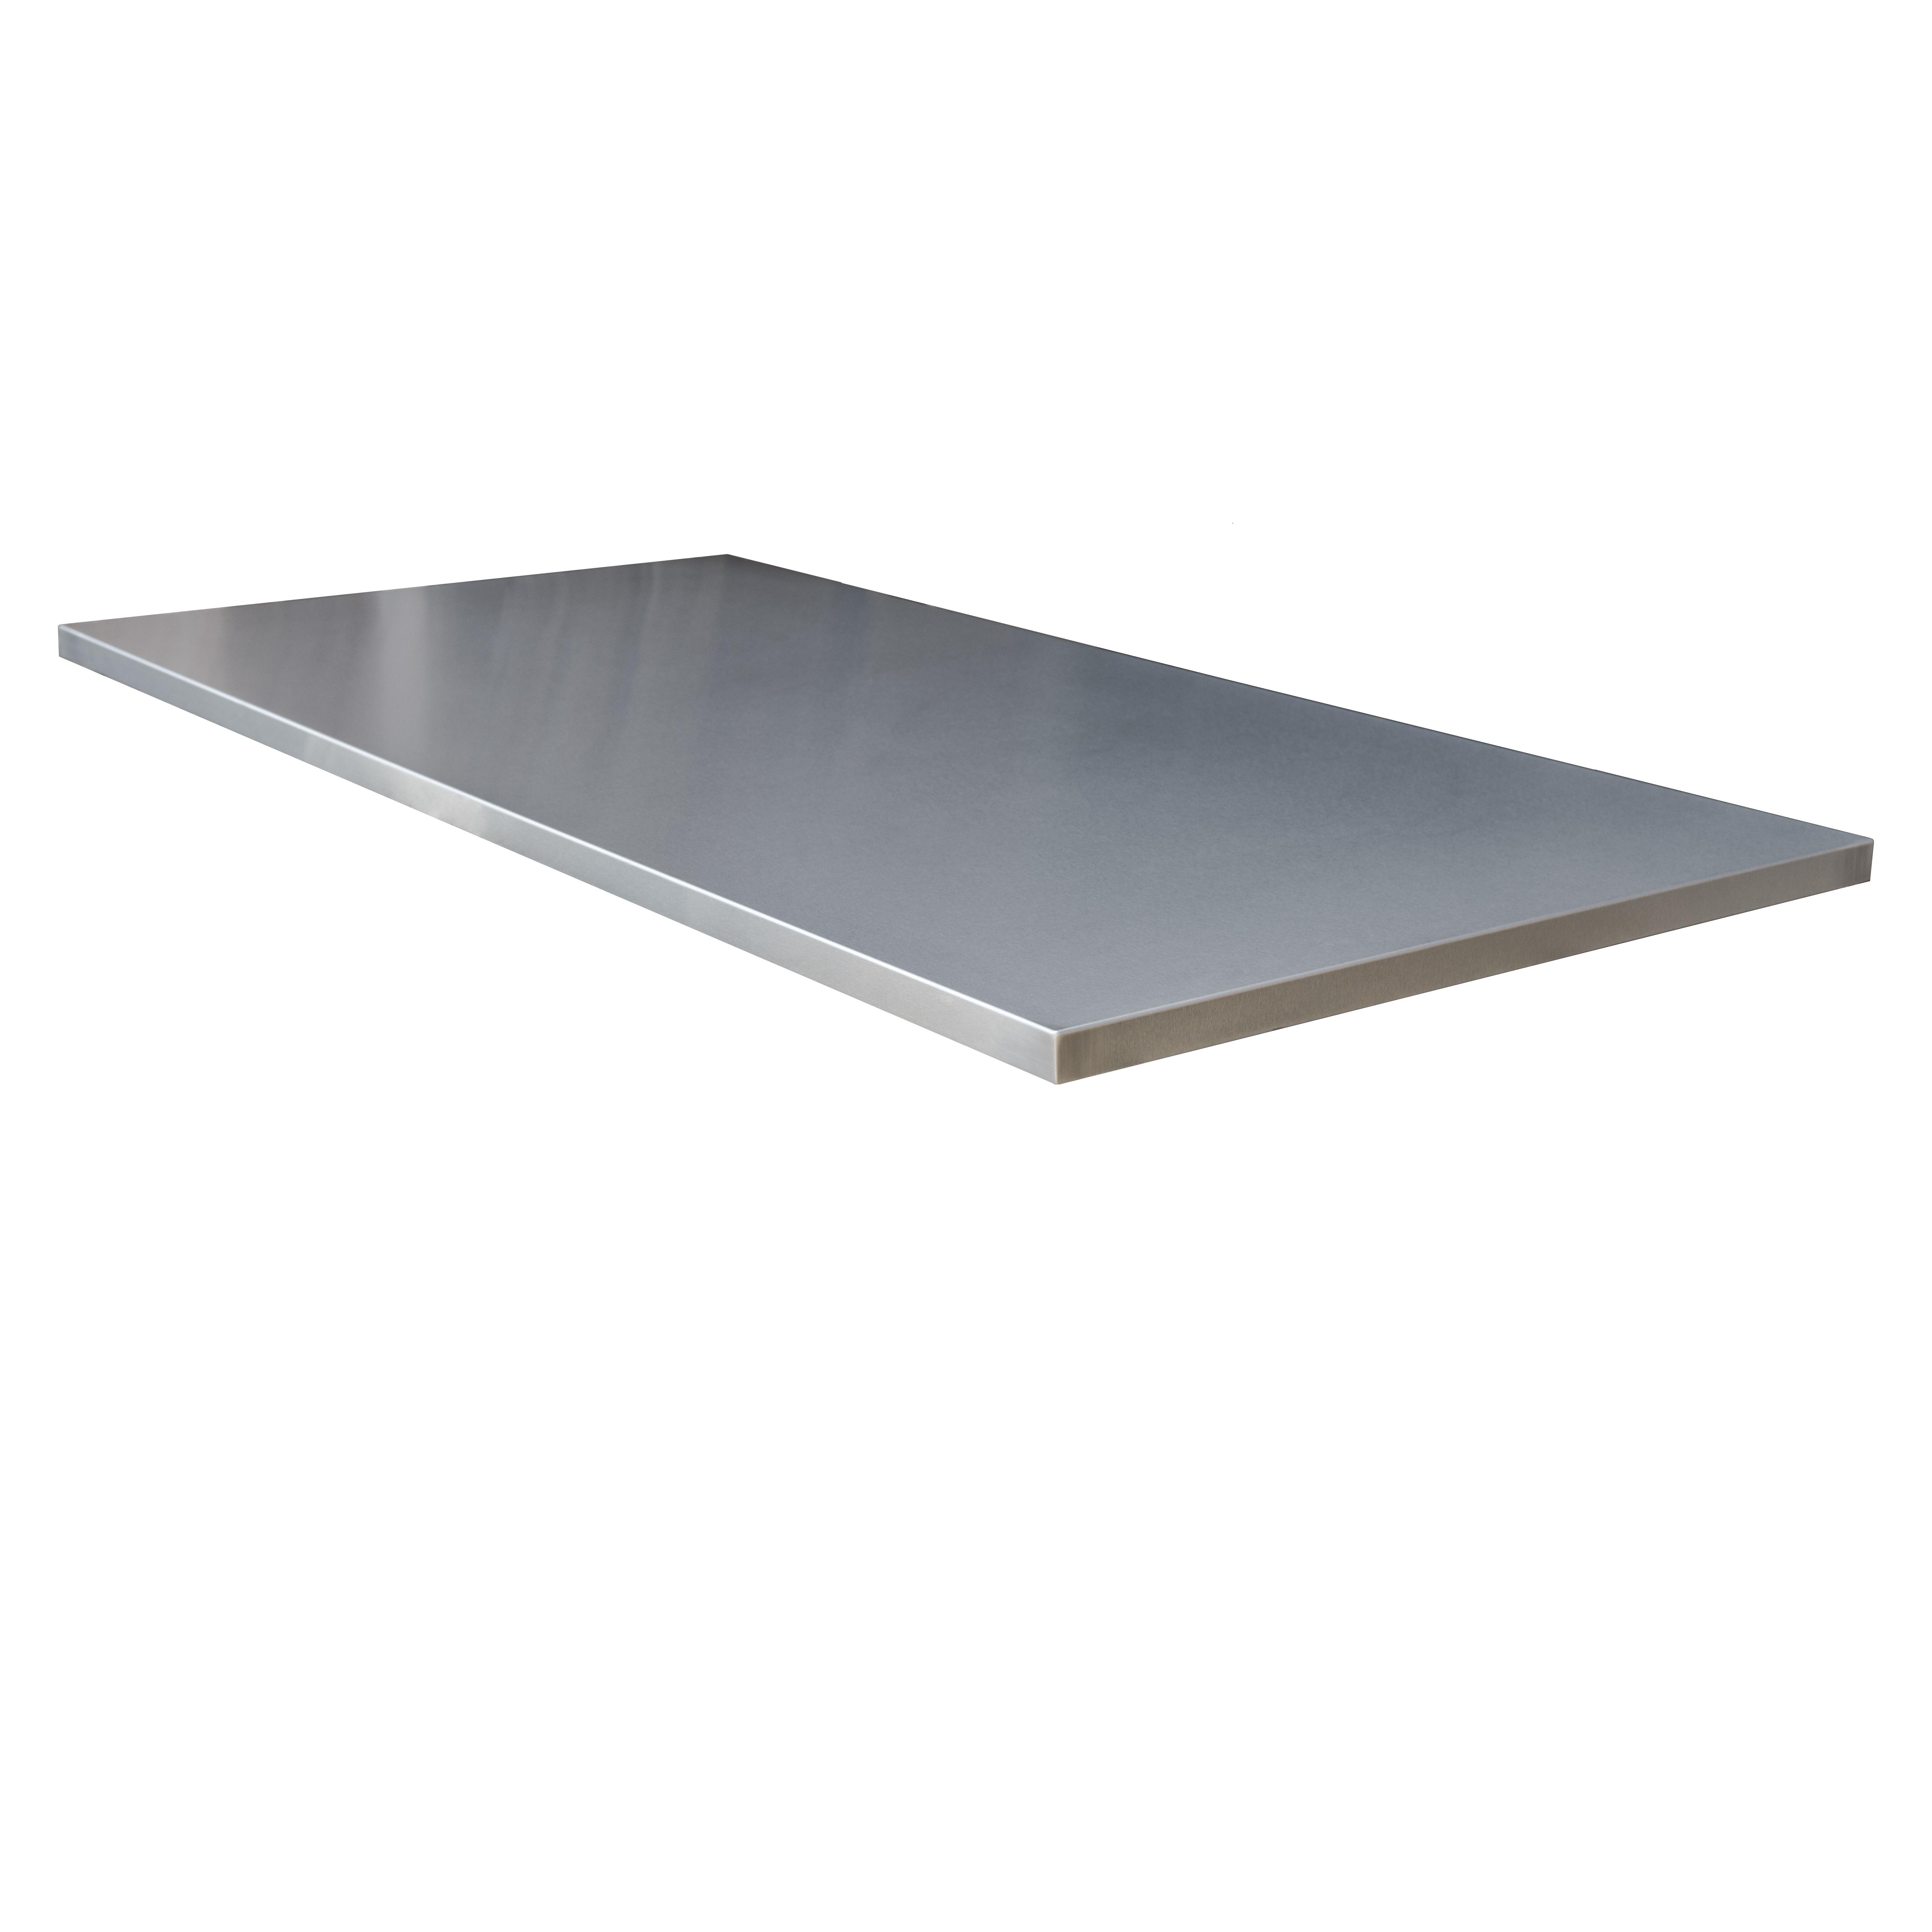 Stainless Steel Tops Custom Metal Home